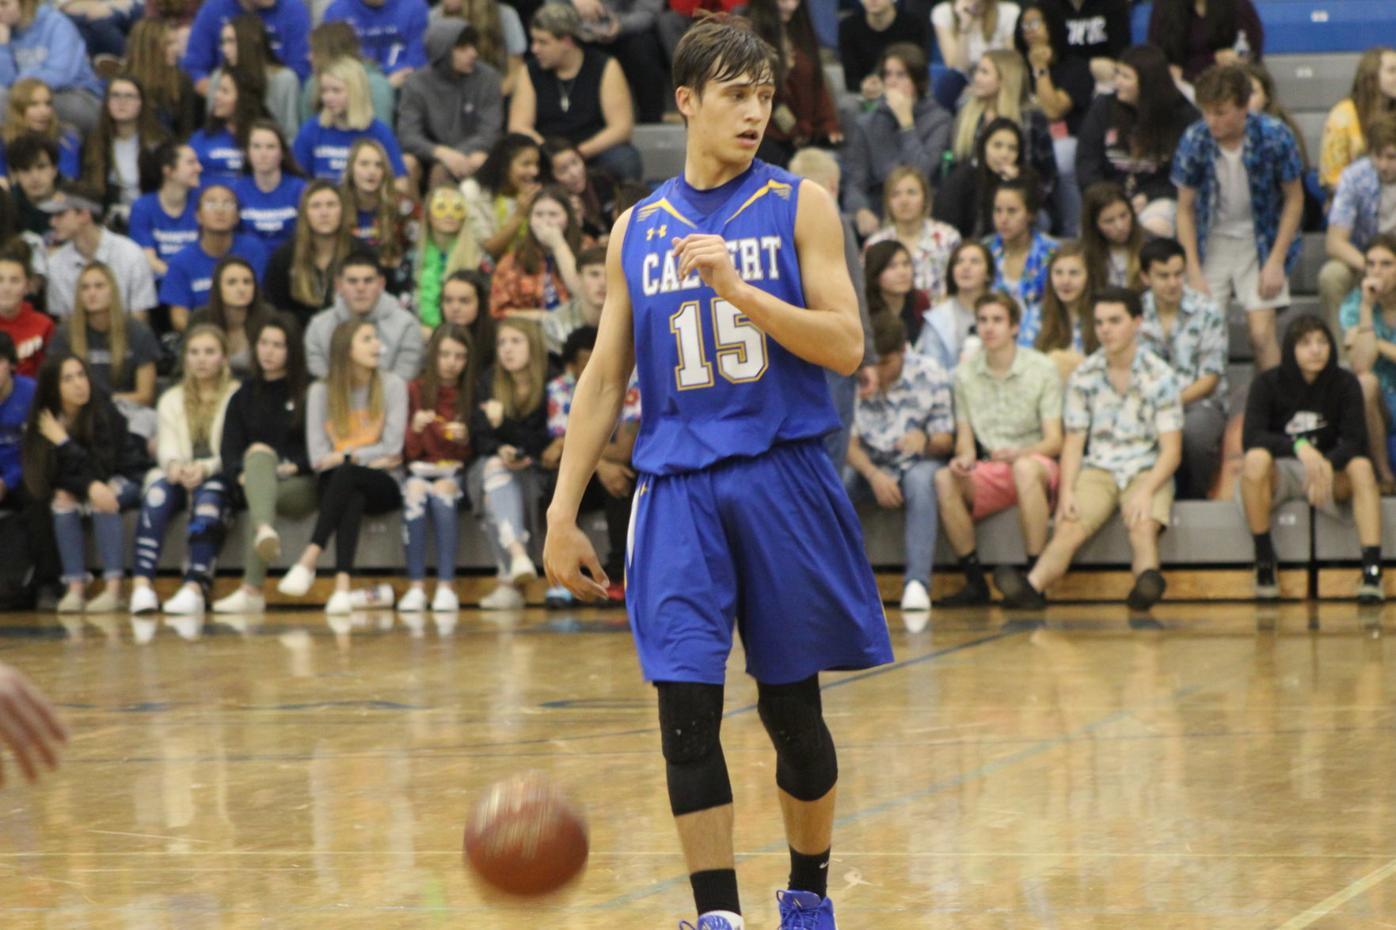 Mark Rachic (Calvert boys basketball)